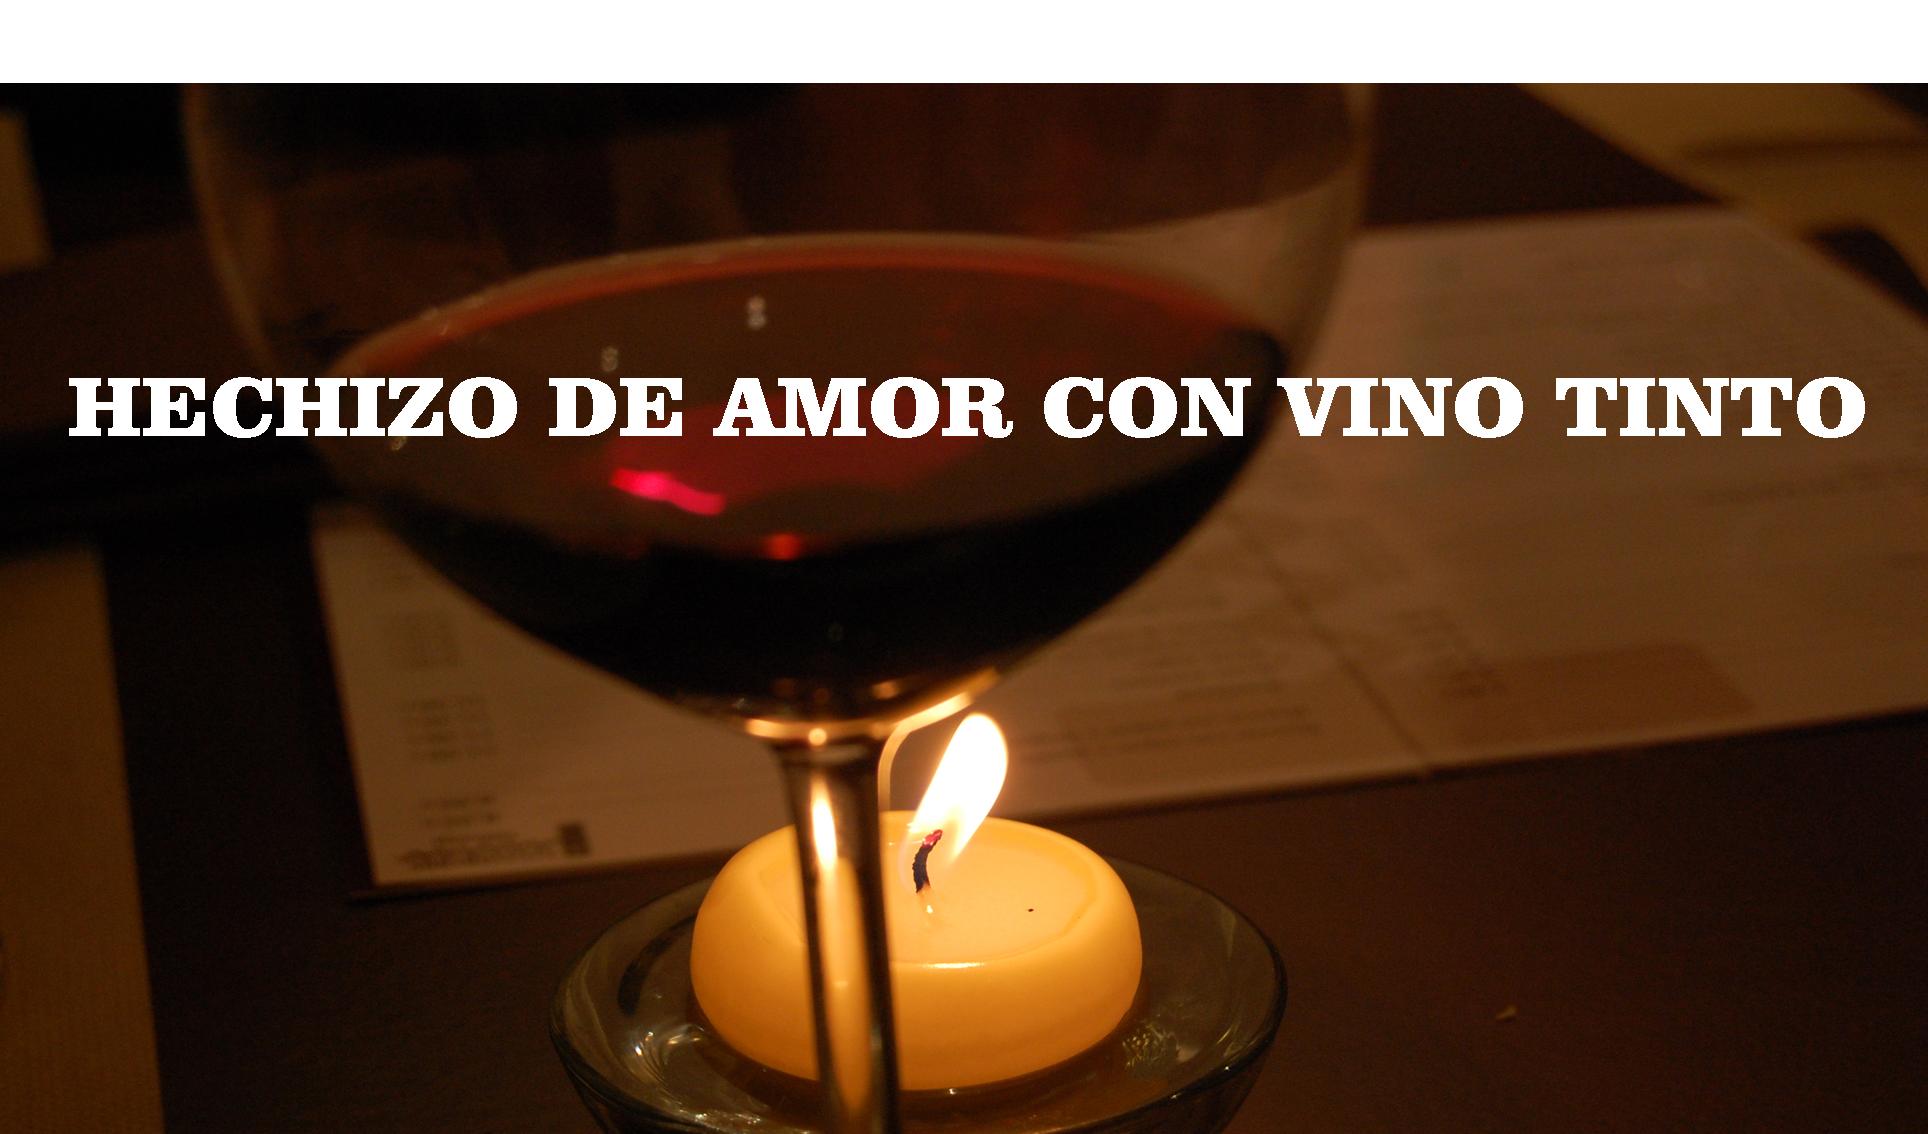 Hechizo De Amor Con Vino Tinto Receta Para El Amor Vino Tinto Hechizos De Amor